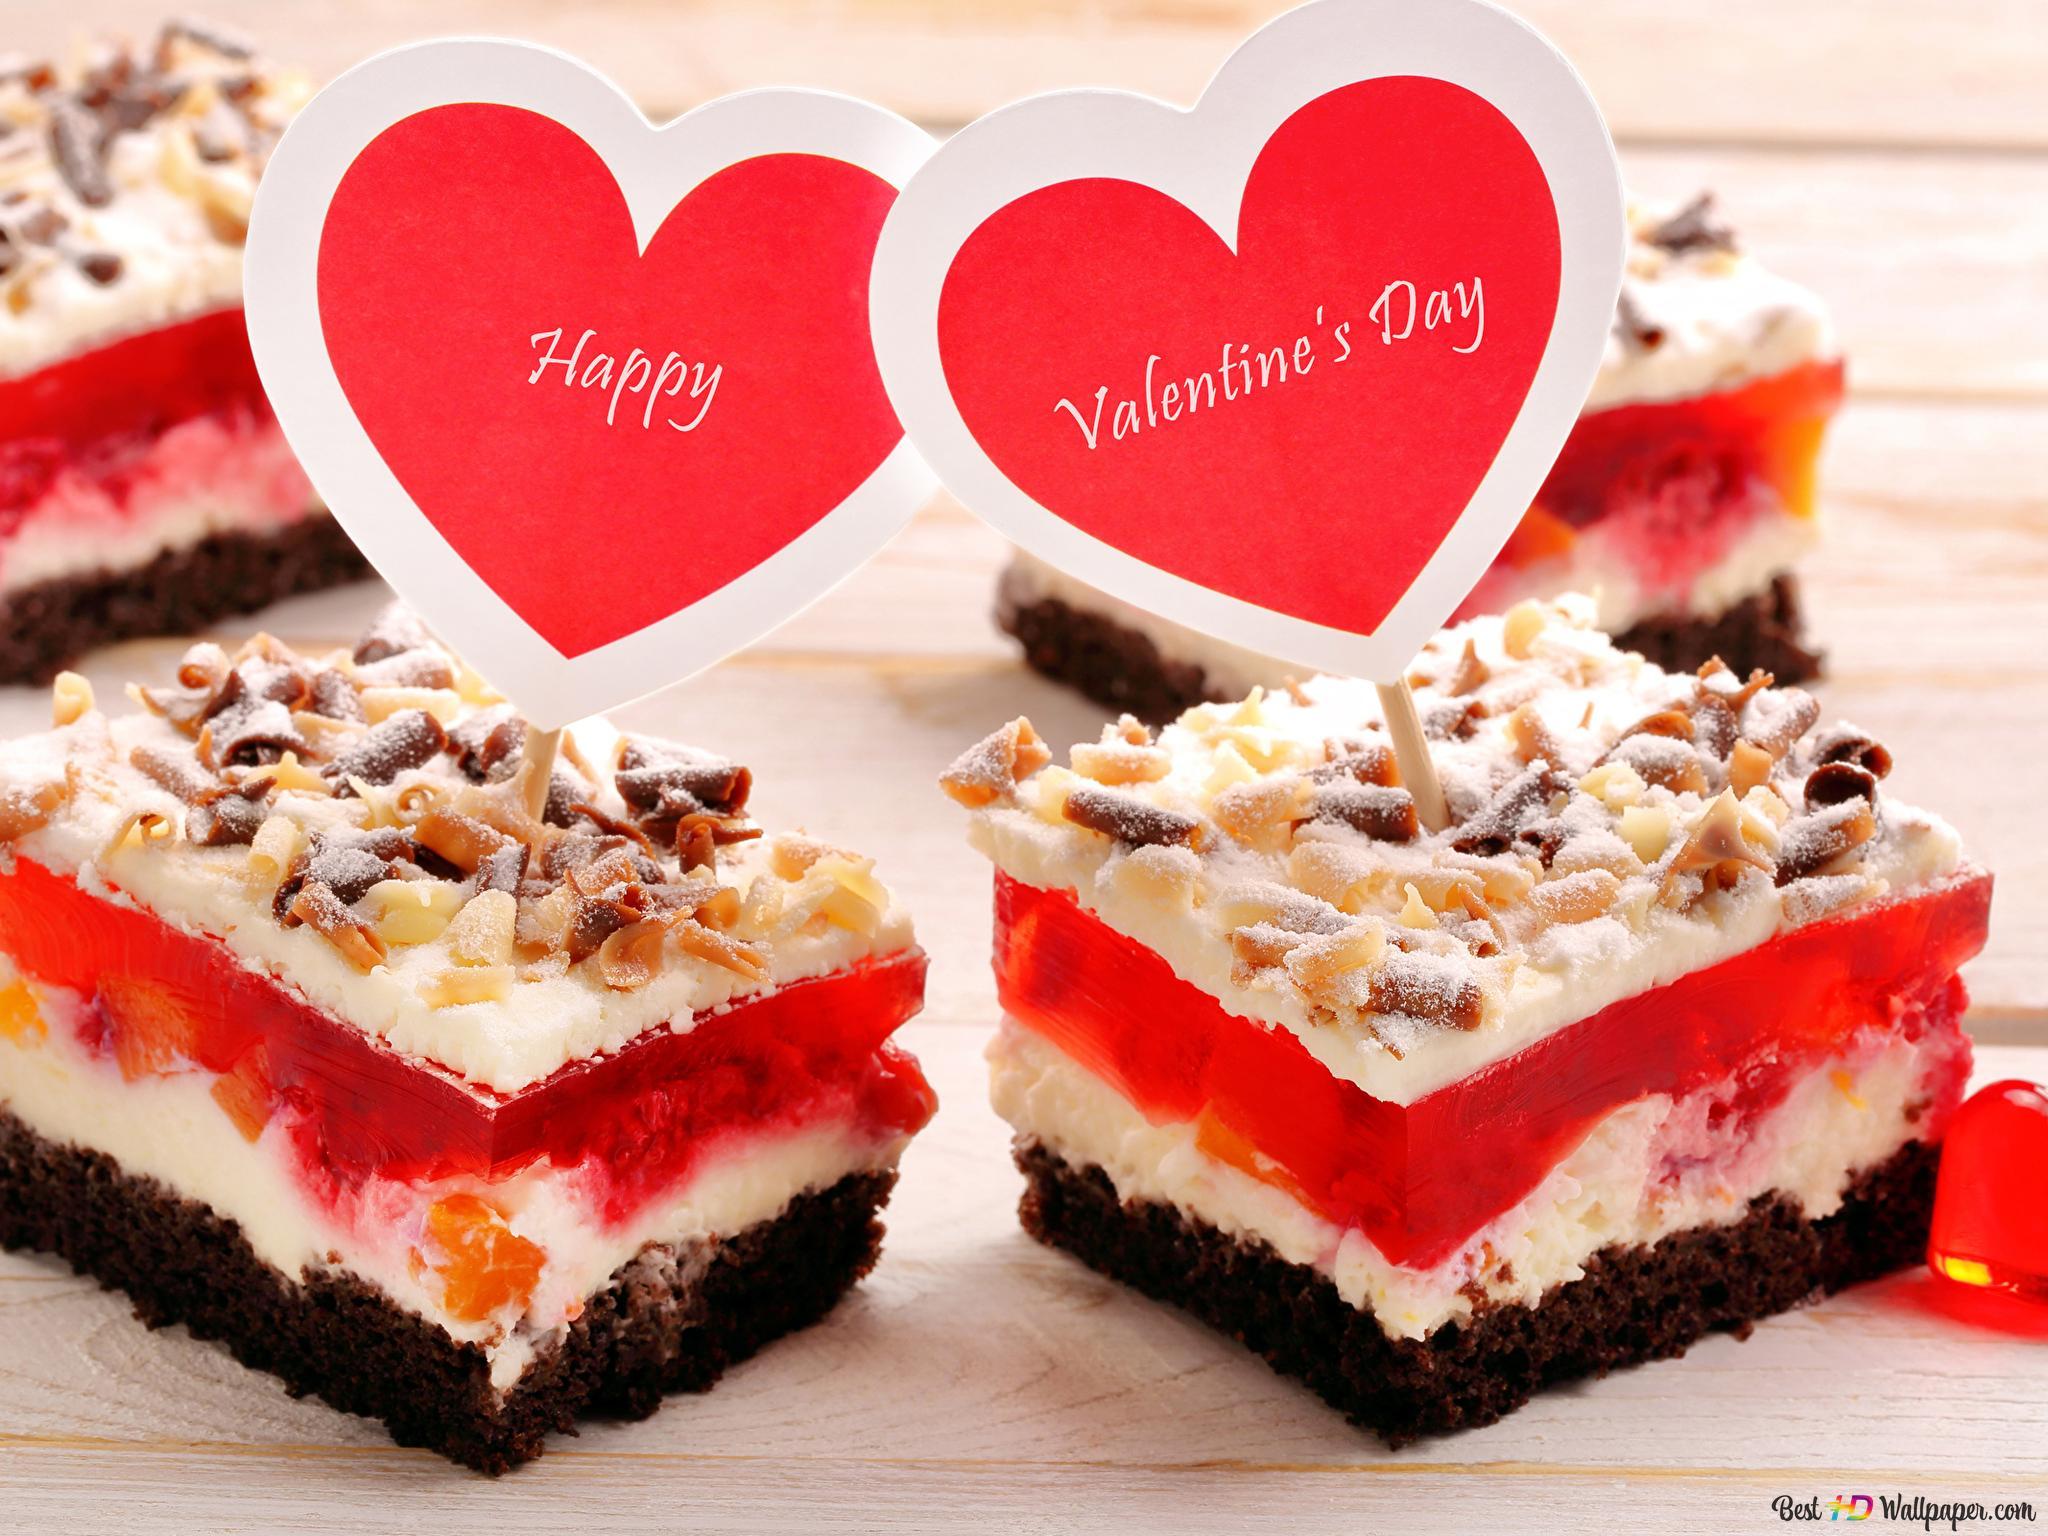 Valentinstag Kuchen Mit Herz Topper Hd Hintergrundbilder Herunterladen